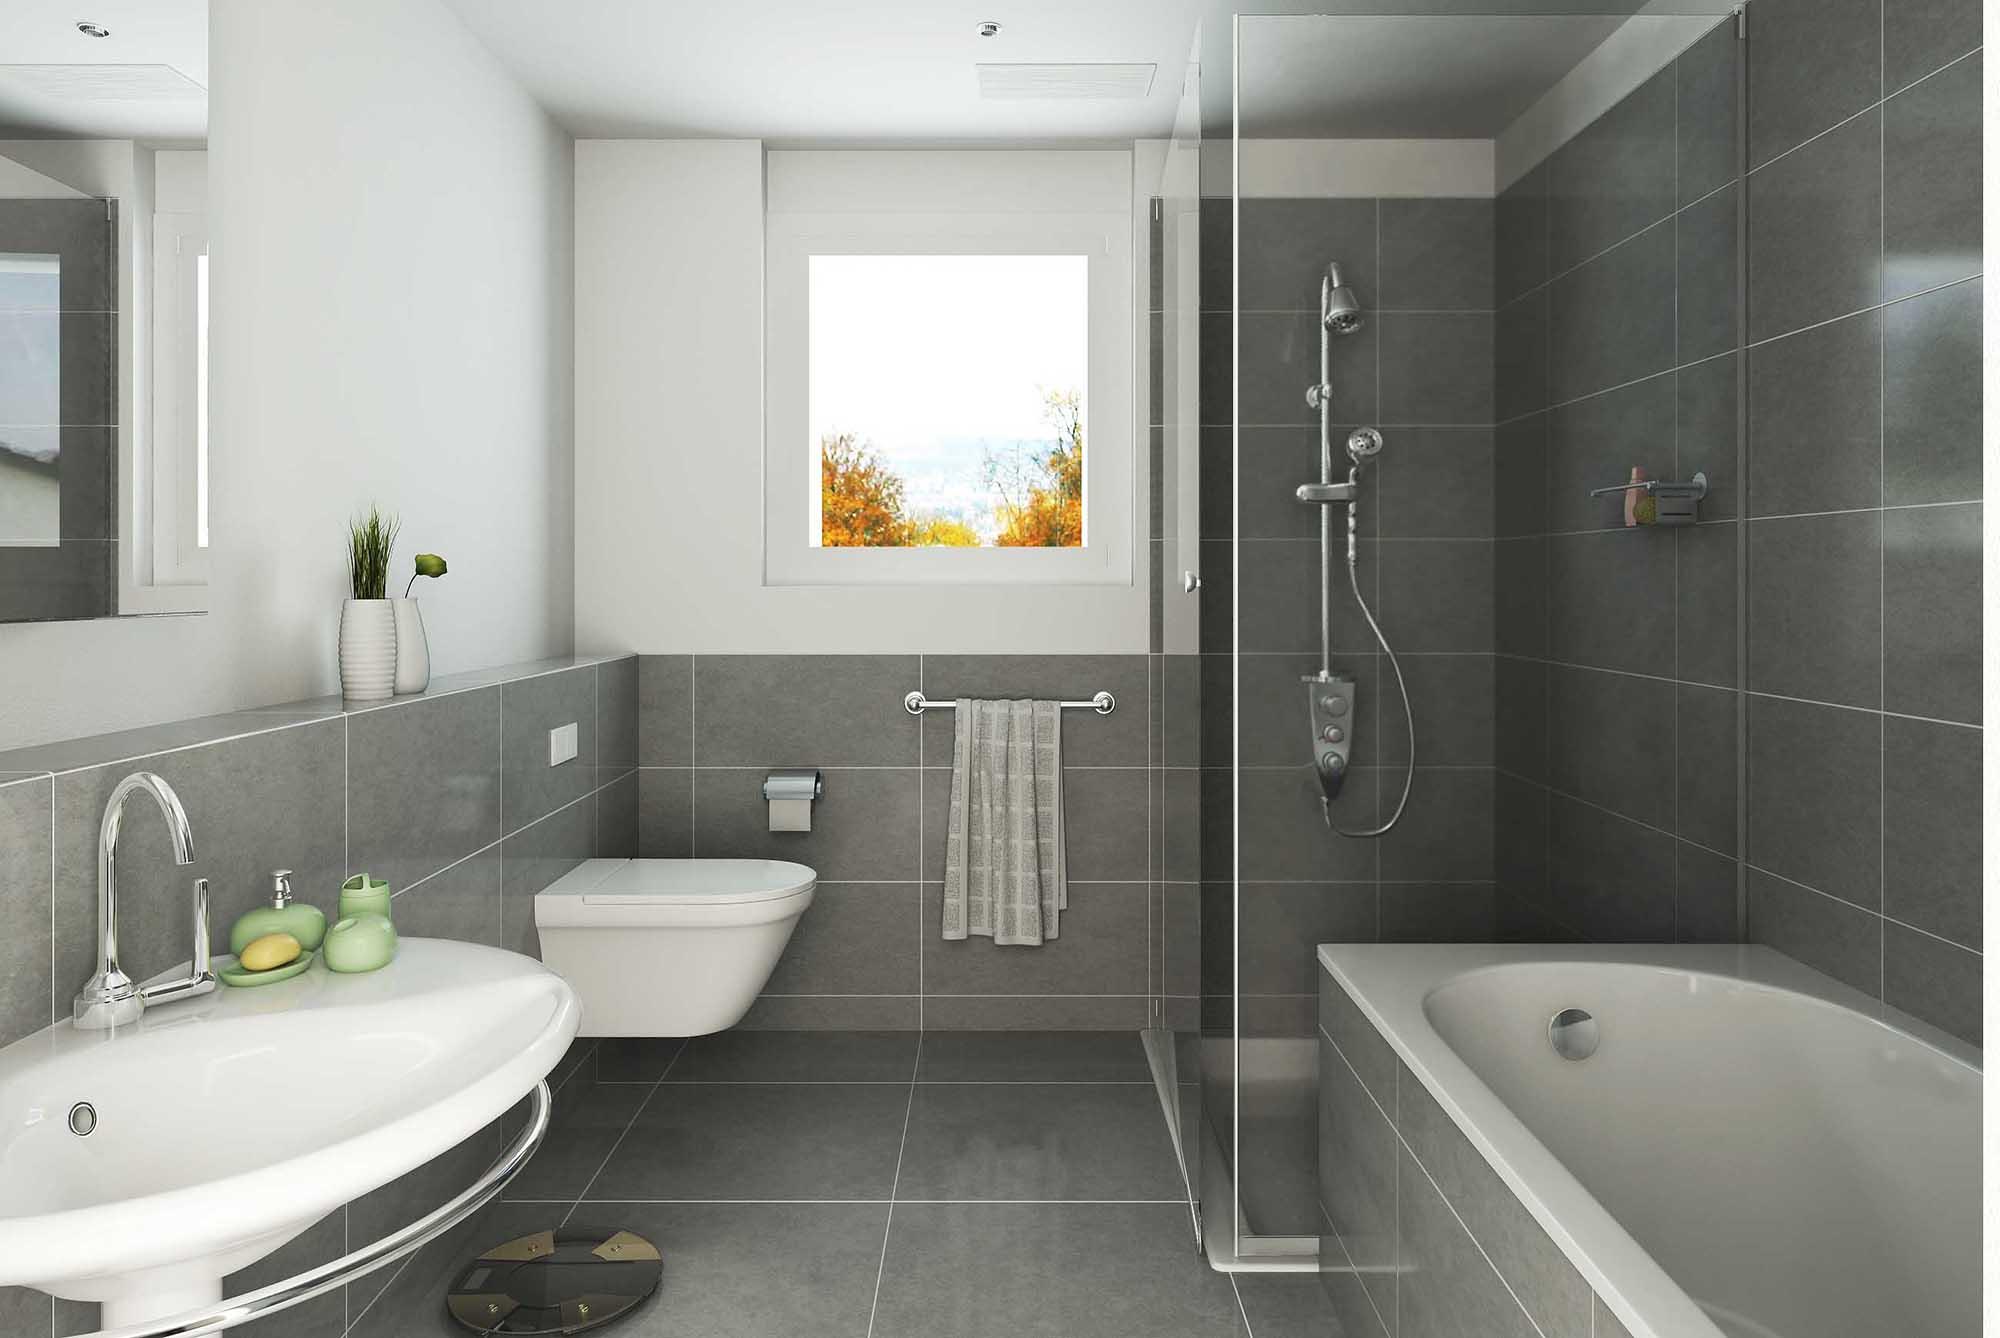 Чистая бело-серая ванная комната